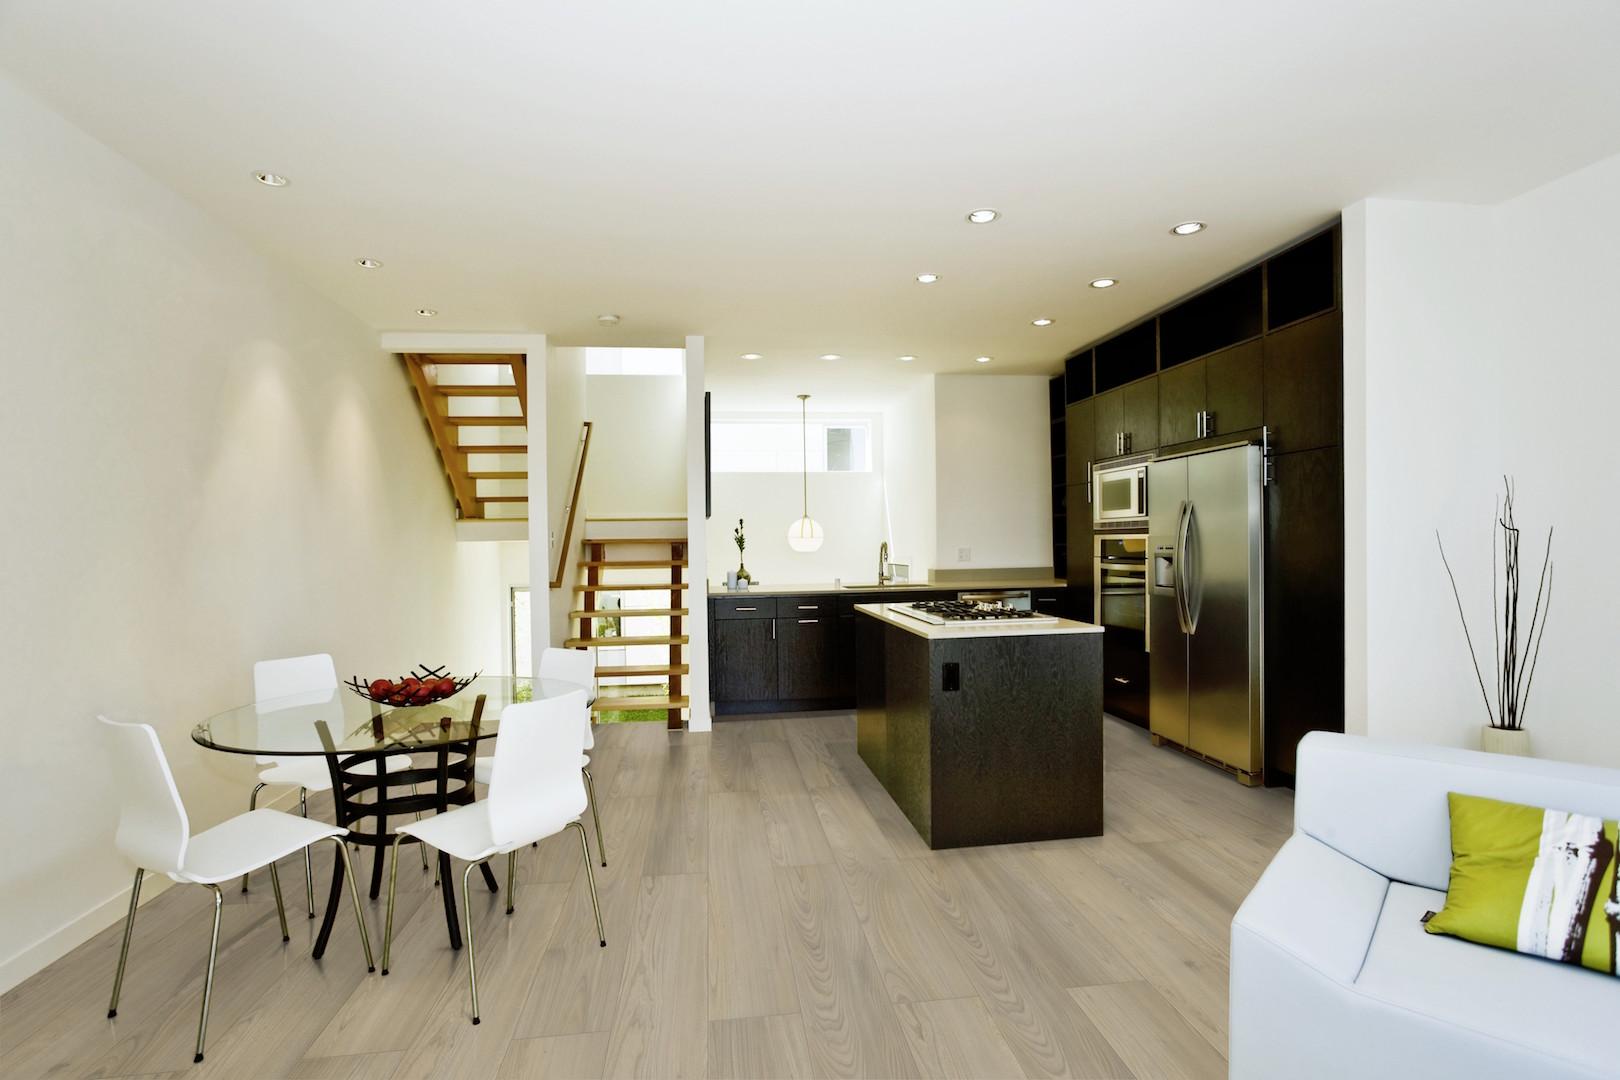 Pvc Vloeren Duitsland : Houten vloeren kopen in duitsland: home esco vloeren. houten vloeren